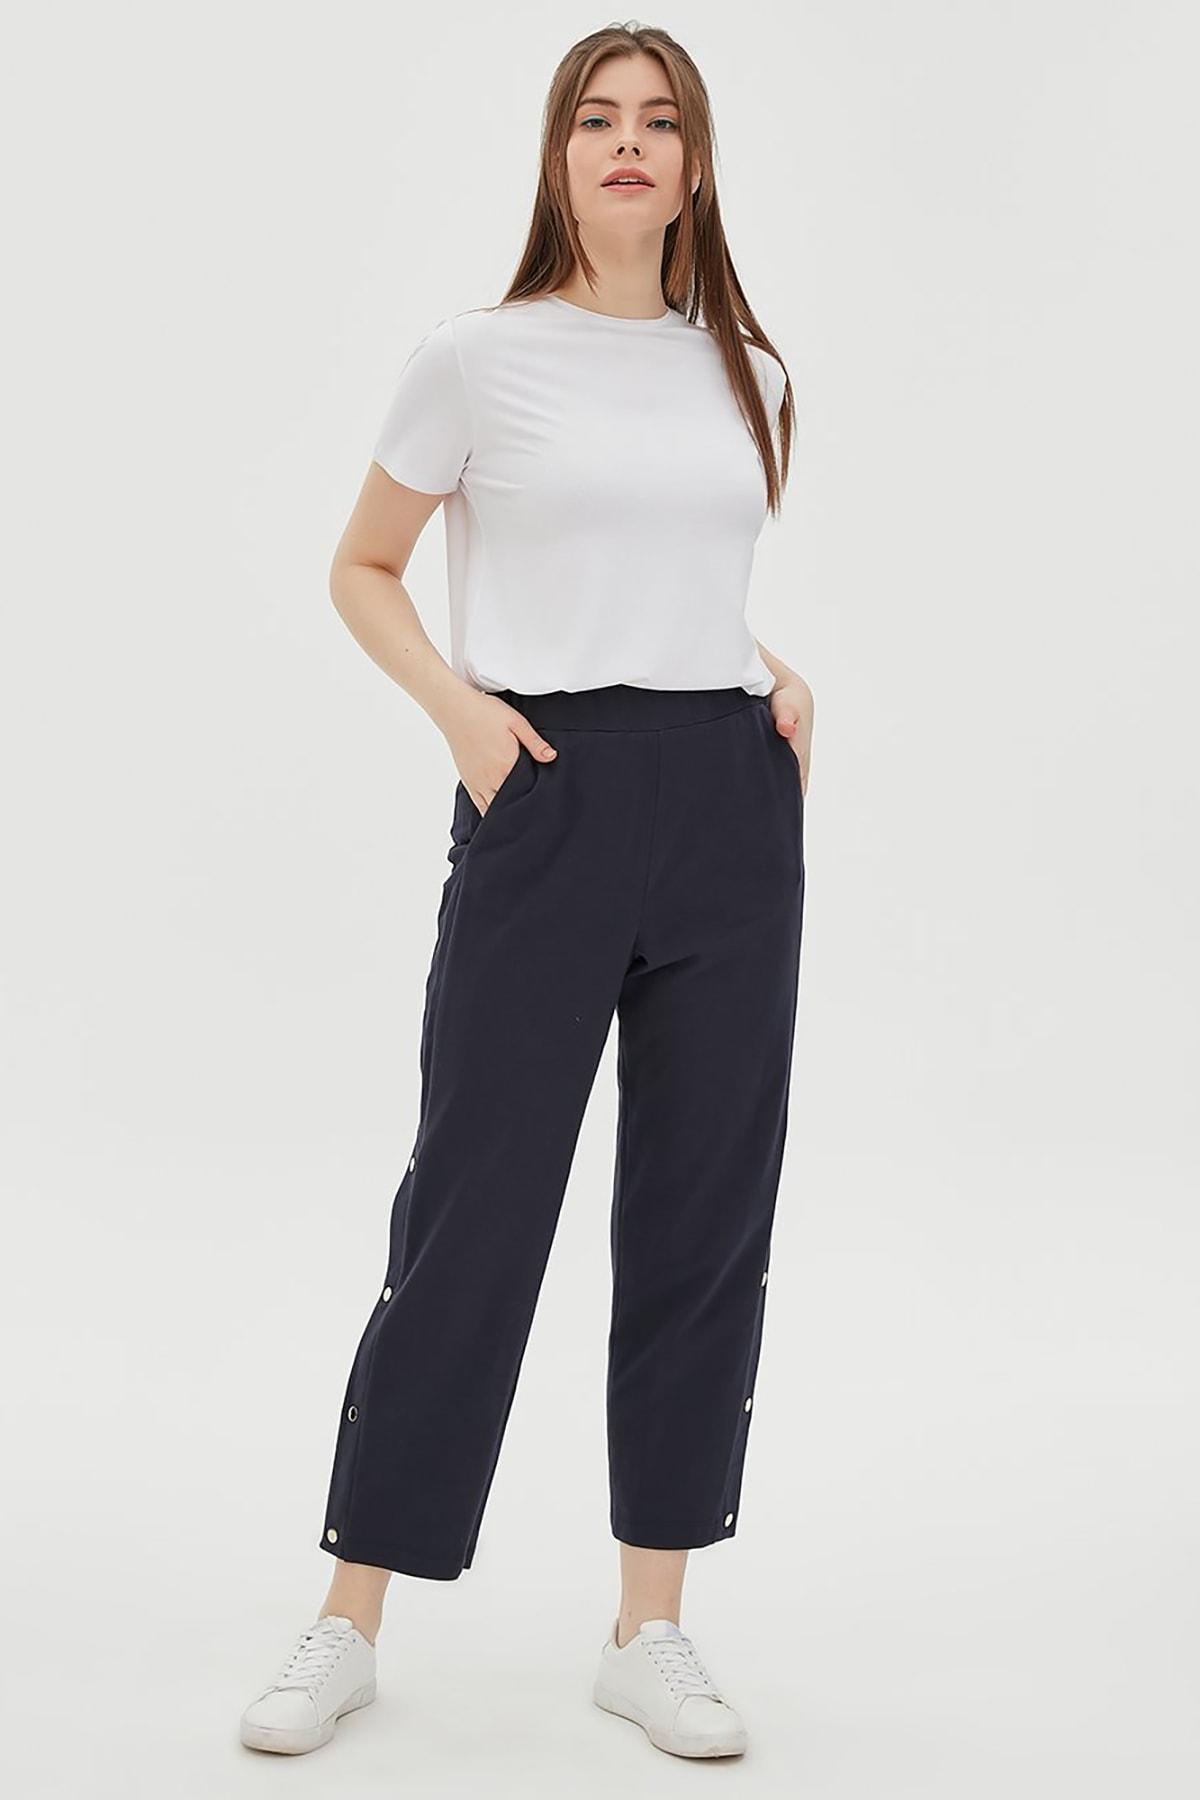 Kayra Yandan Çıt Çıt Detaylı Pantolon Lacivert B20 19044